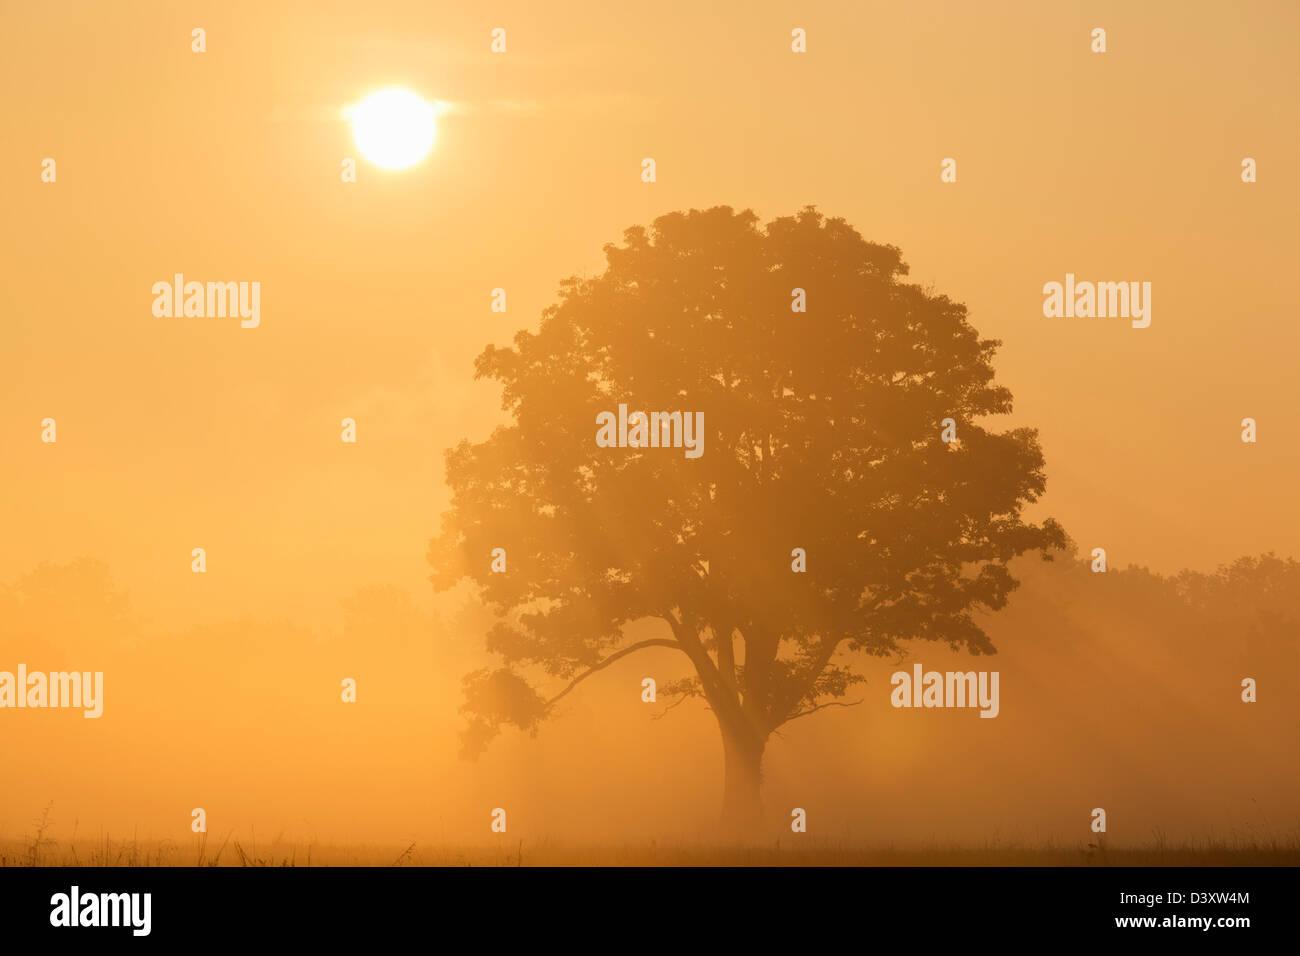 oak tree at sunrise - Stock Image